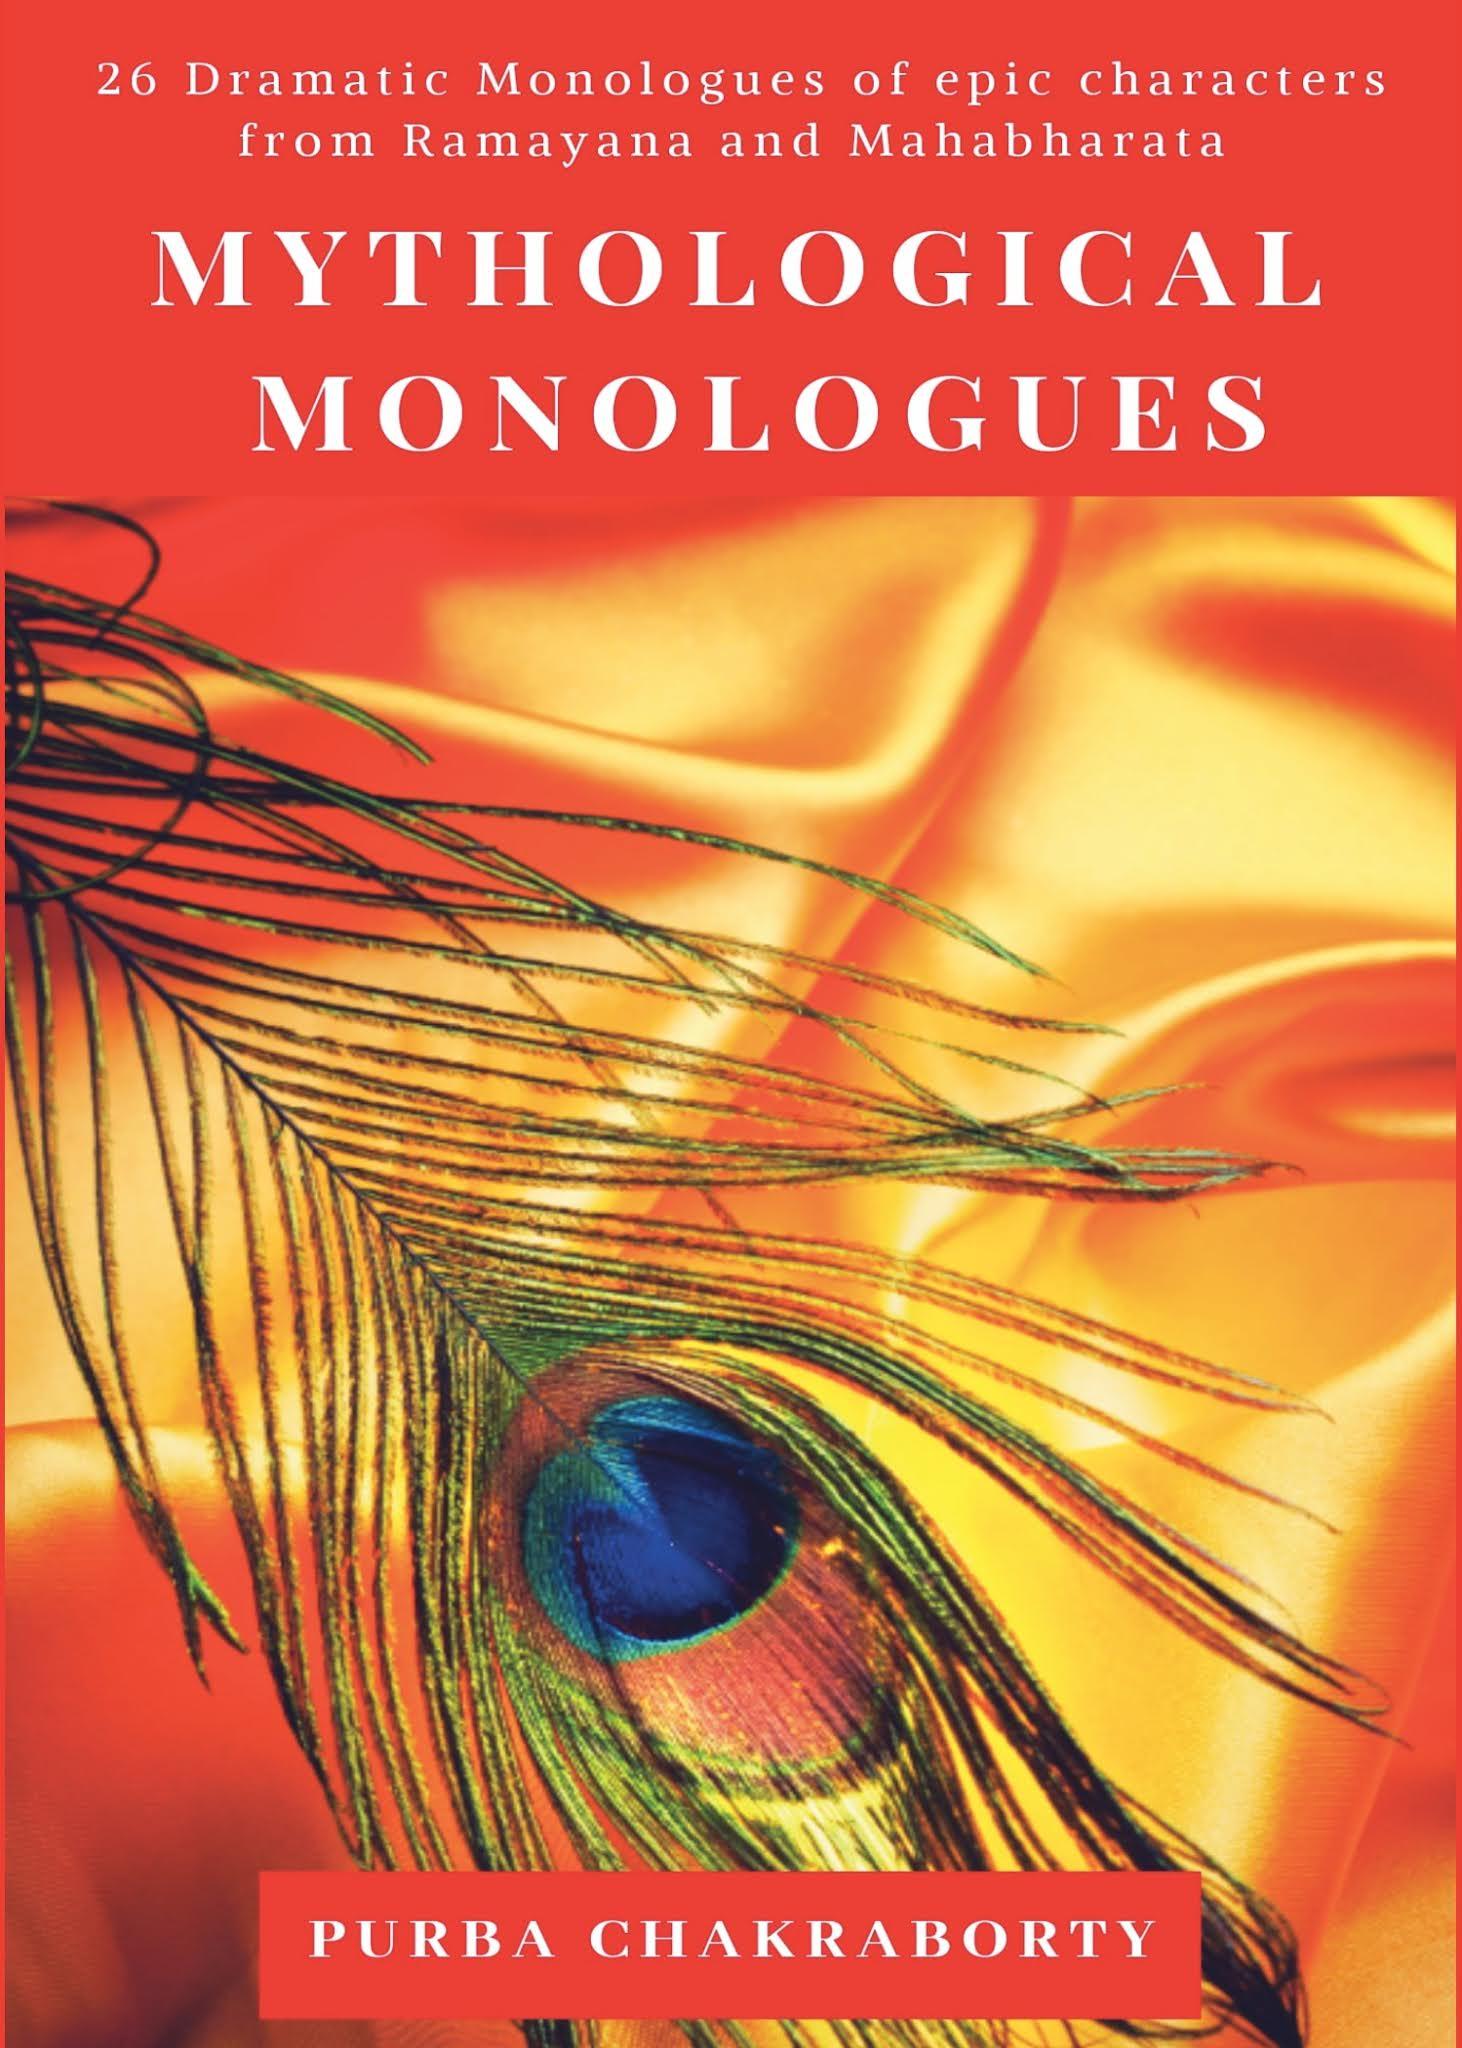 mythological monologues purba chakrborty